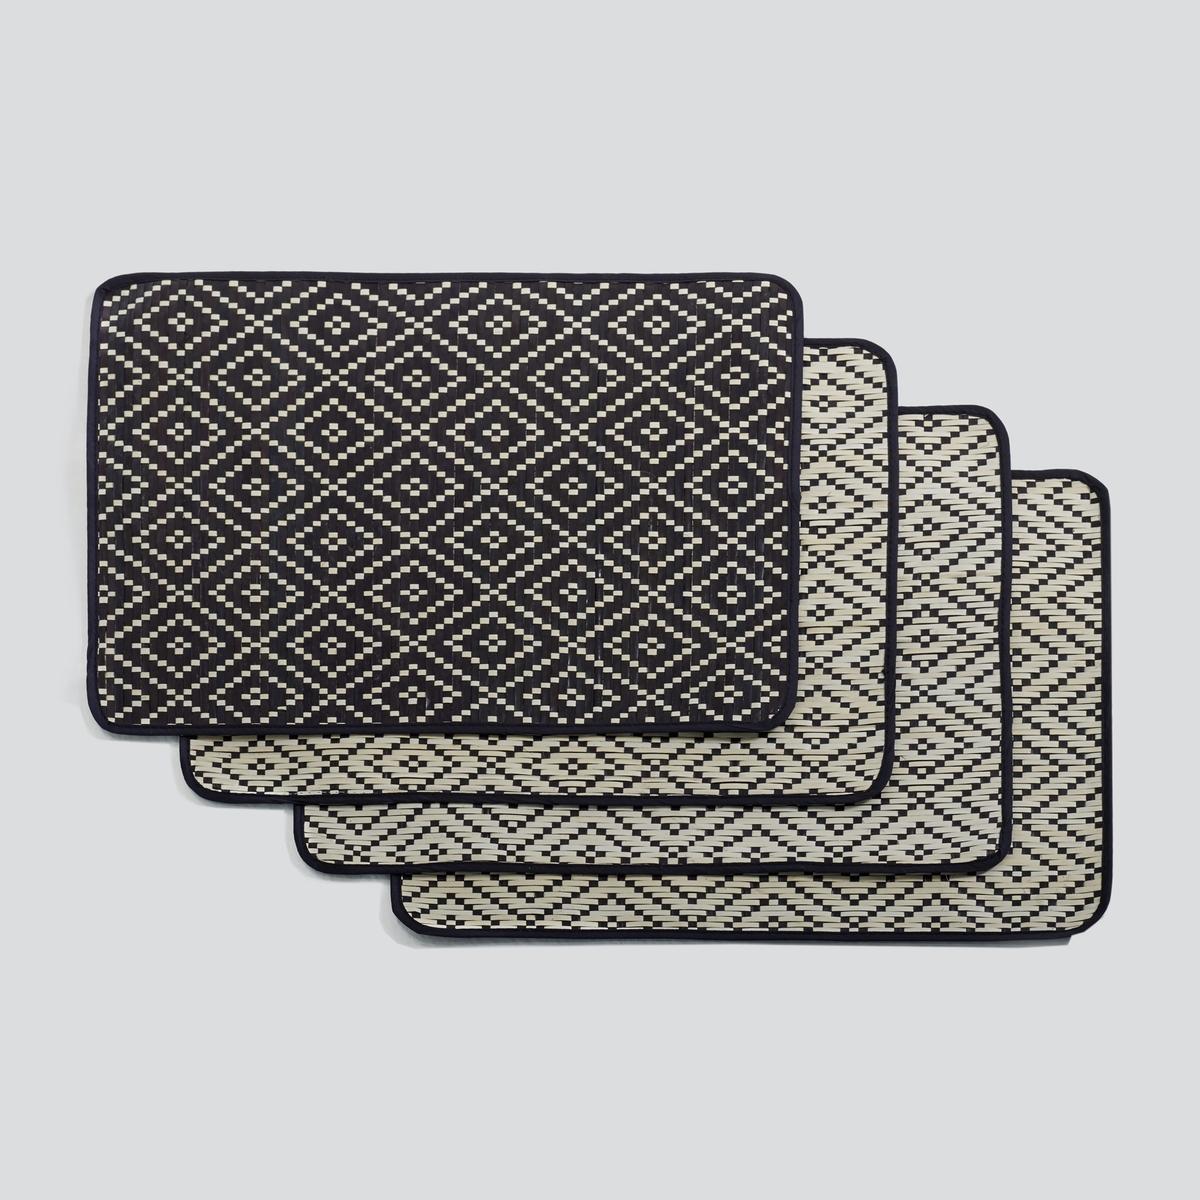 Комплект из 4 салфеток из пальмового дерева, SabinКомплект из 4 салфеток под столовые приборы, Sabin. Добавляют декору этнический штрих...Характеристики: : - Плетеные, из пальмового дерева- Двусторонние.Размеры  : - 30 x 40 см<br><br>Цвет: белый + черный<br>Размер: единый размер